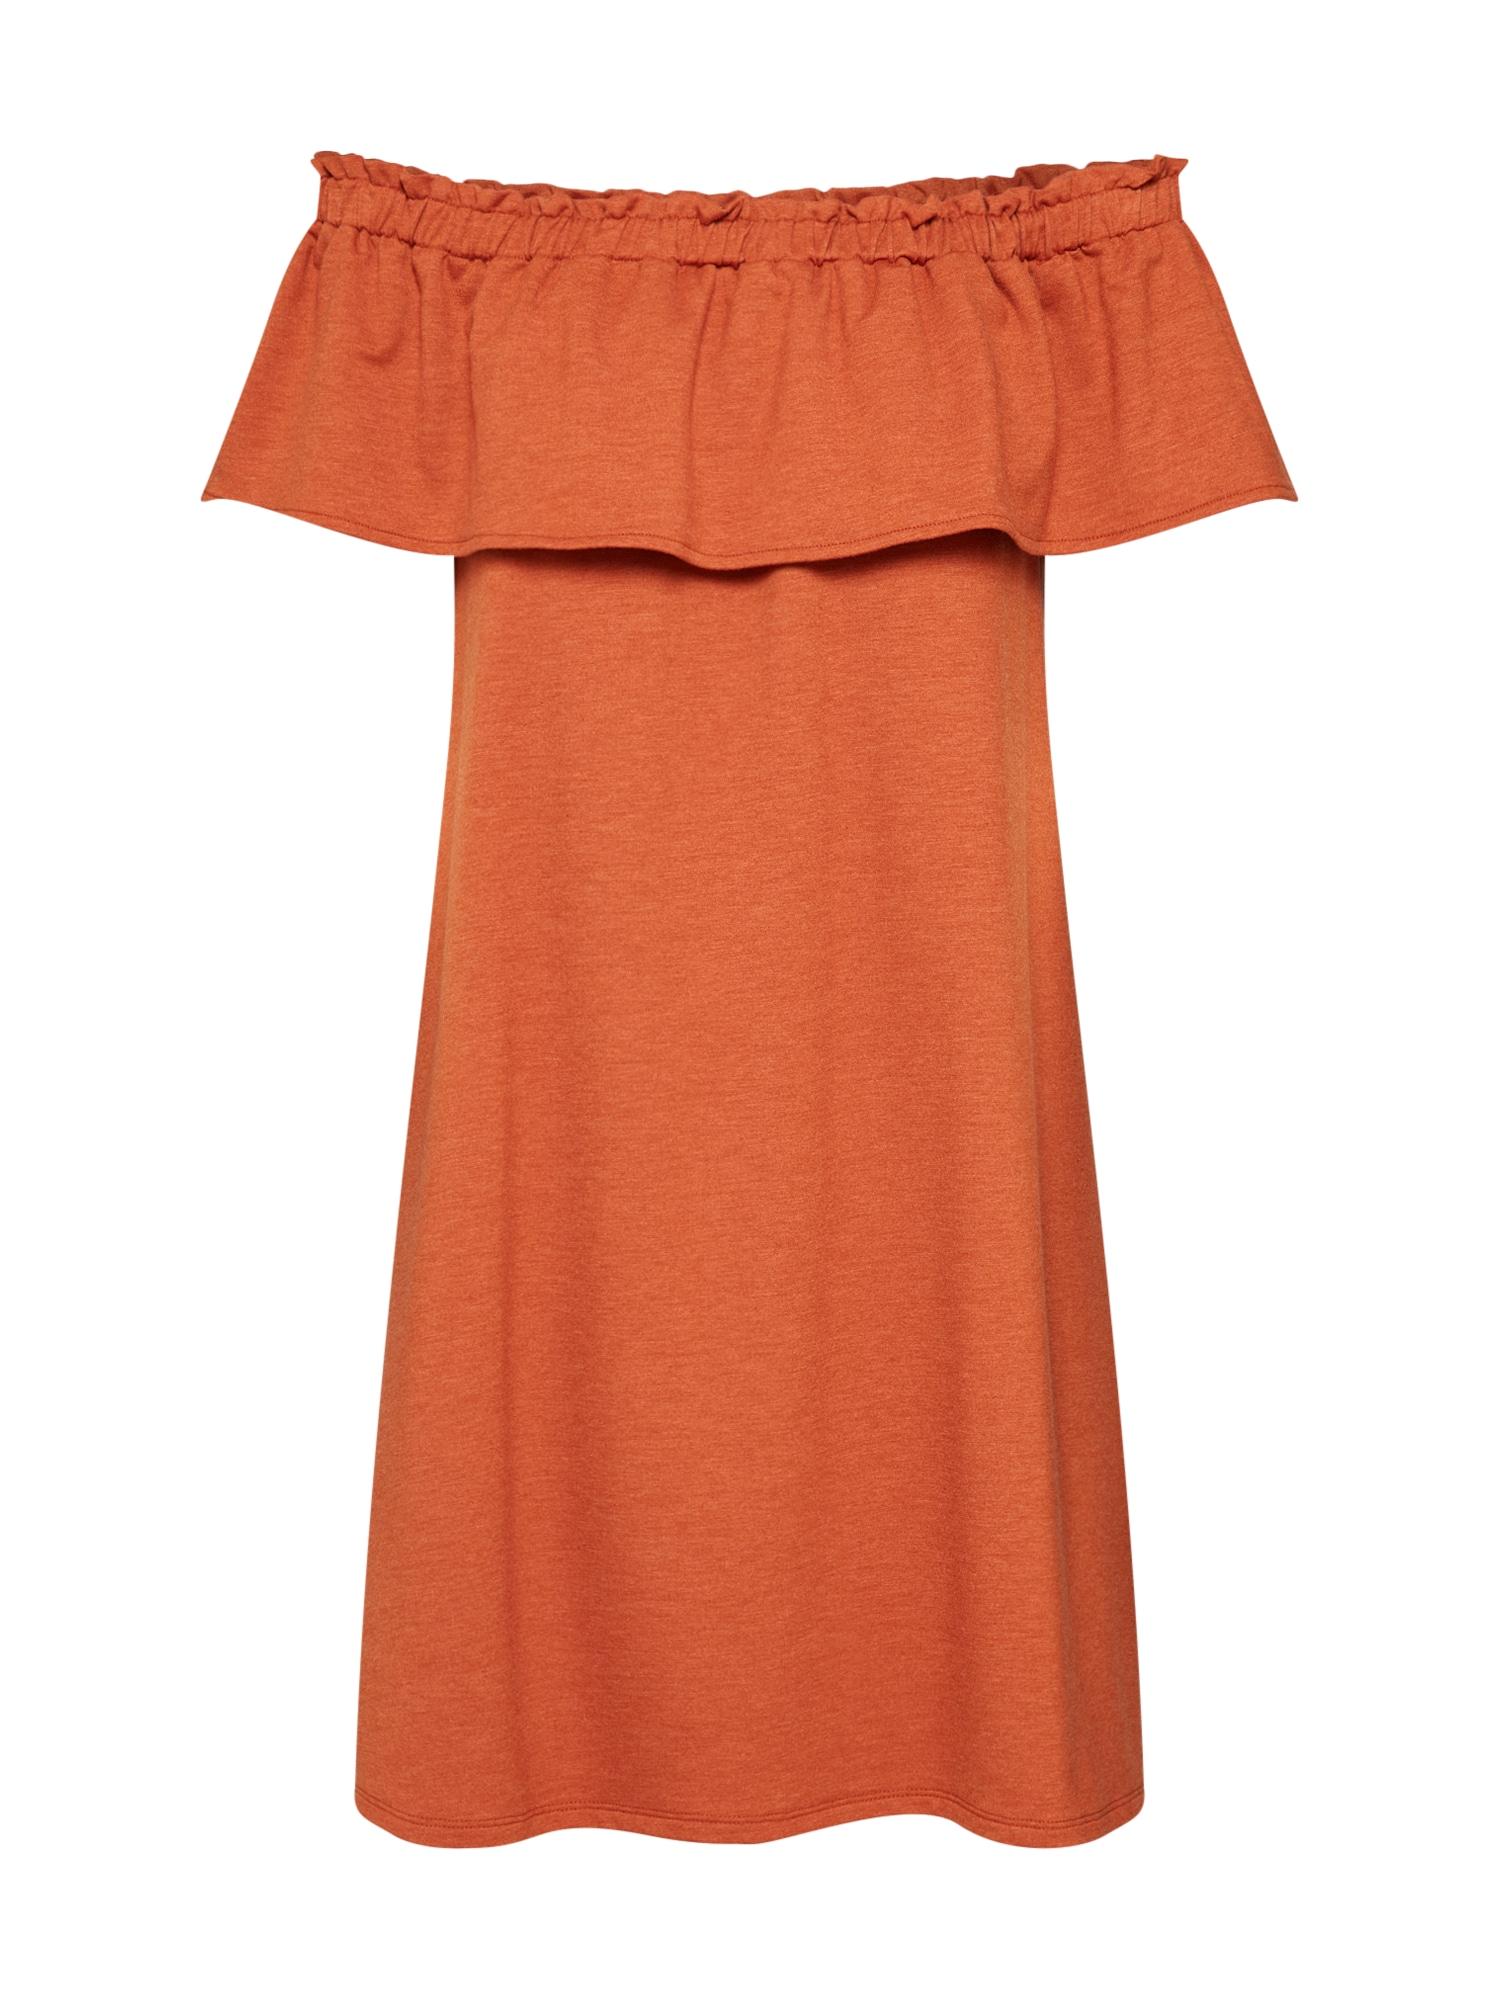 Šaty Orelia oranžová ABOUT YOU